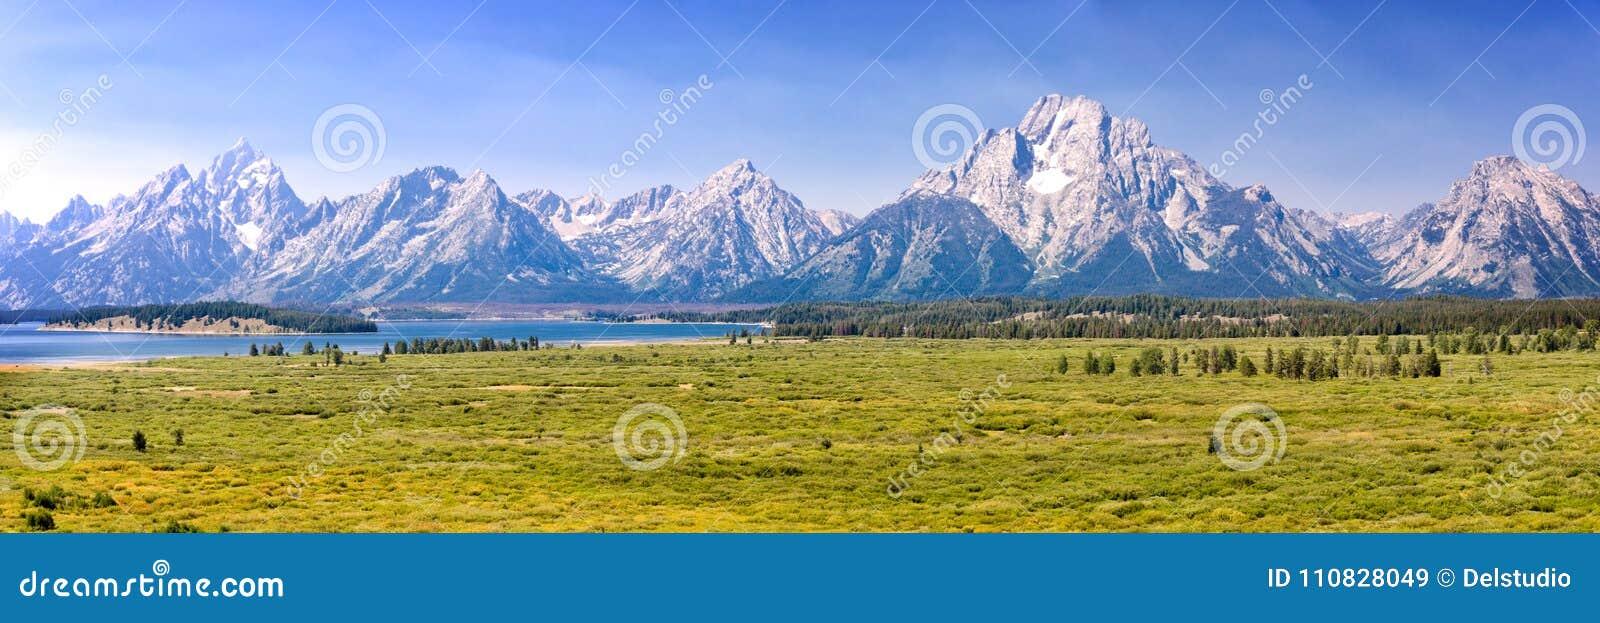 大提顿峰国家公园,山脉全景,怀俄明美国